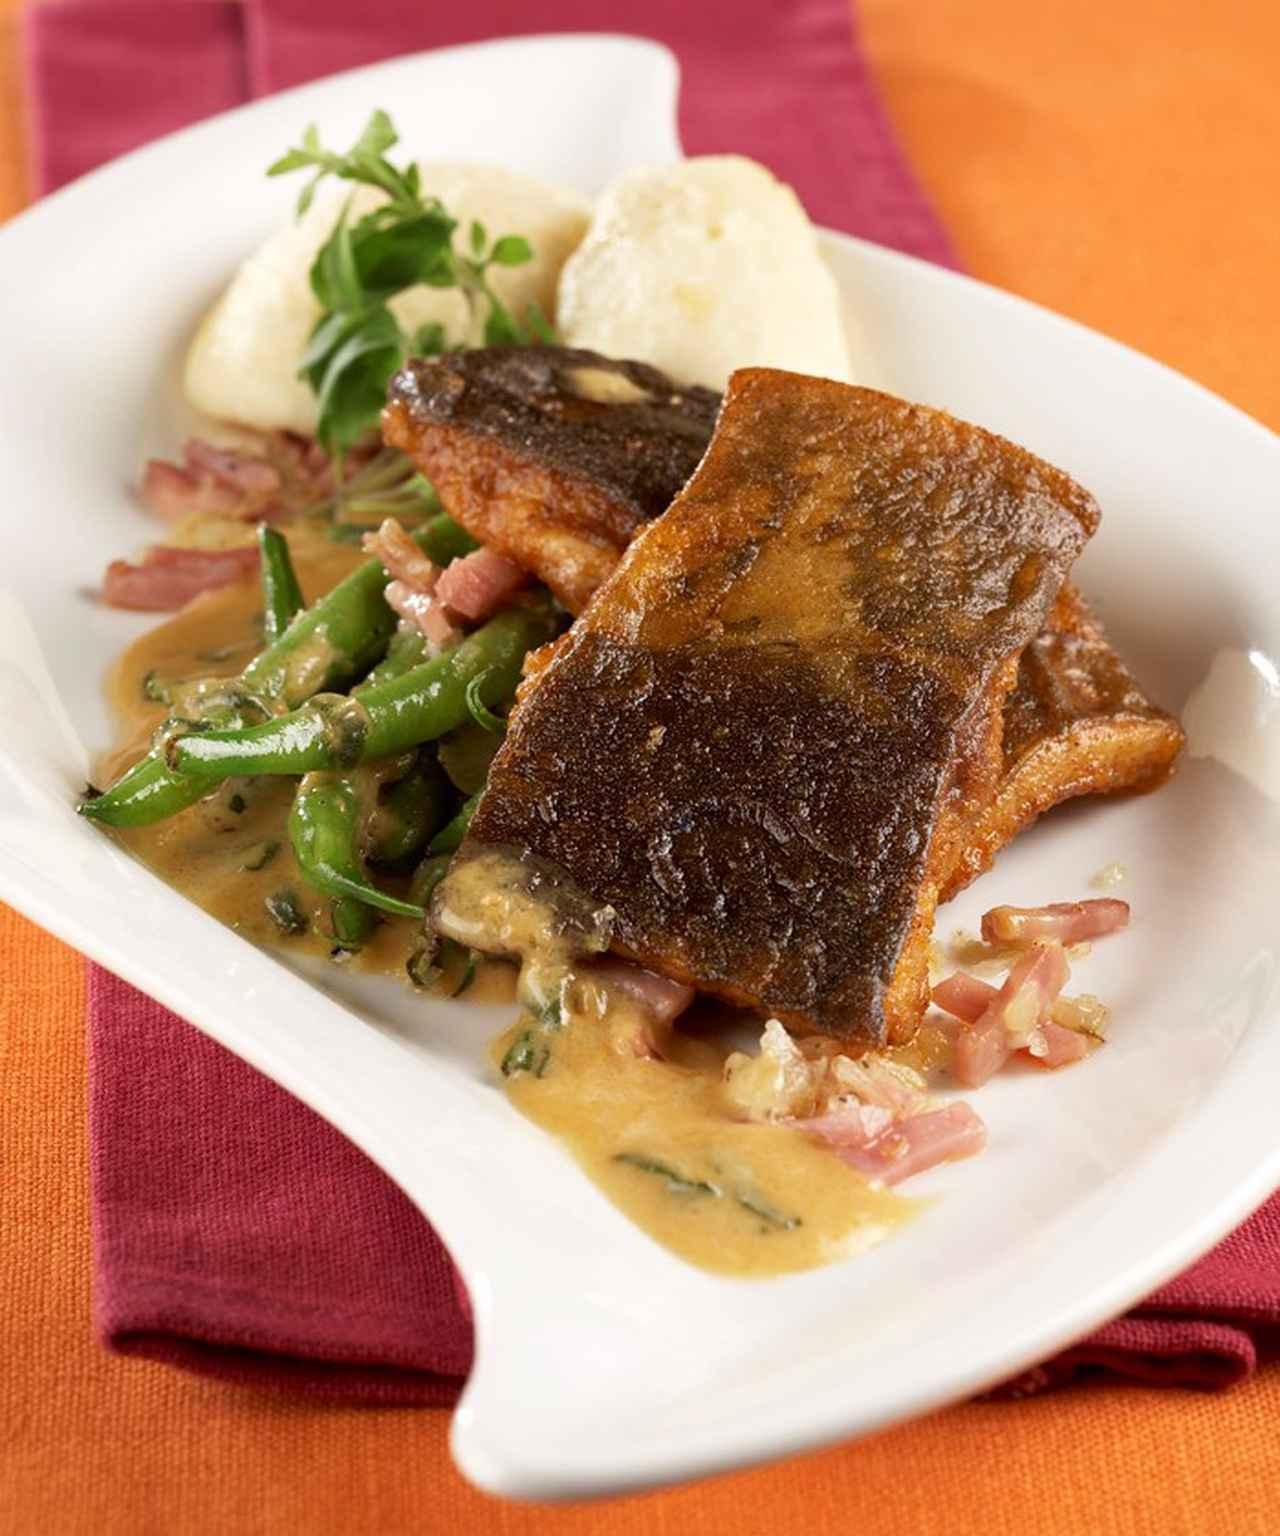 画像: 鯉料理(イメージ)© CzechTourism